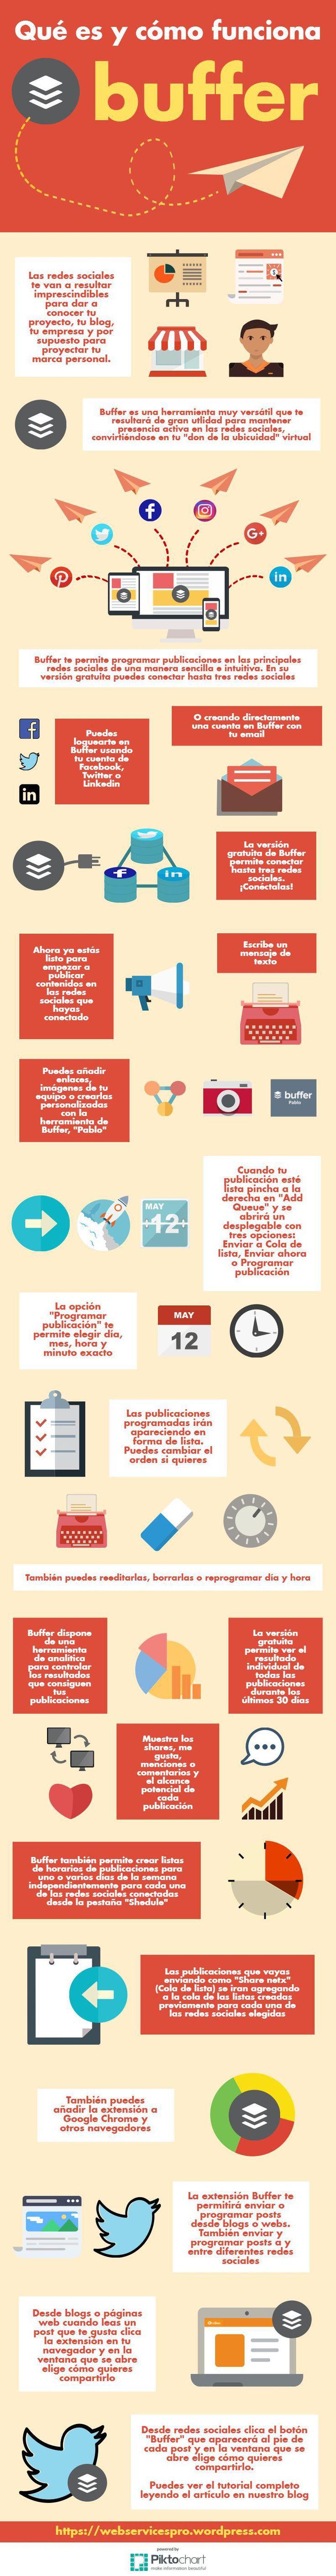 qué-es-y-cómo-funciona-Buffer #Buffer #GestiónRedesSociales #SocialMedia